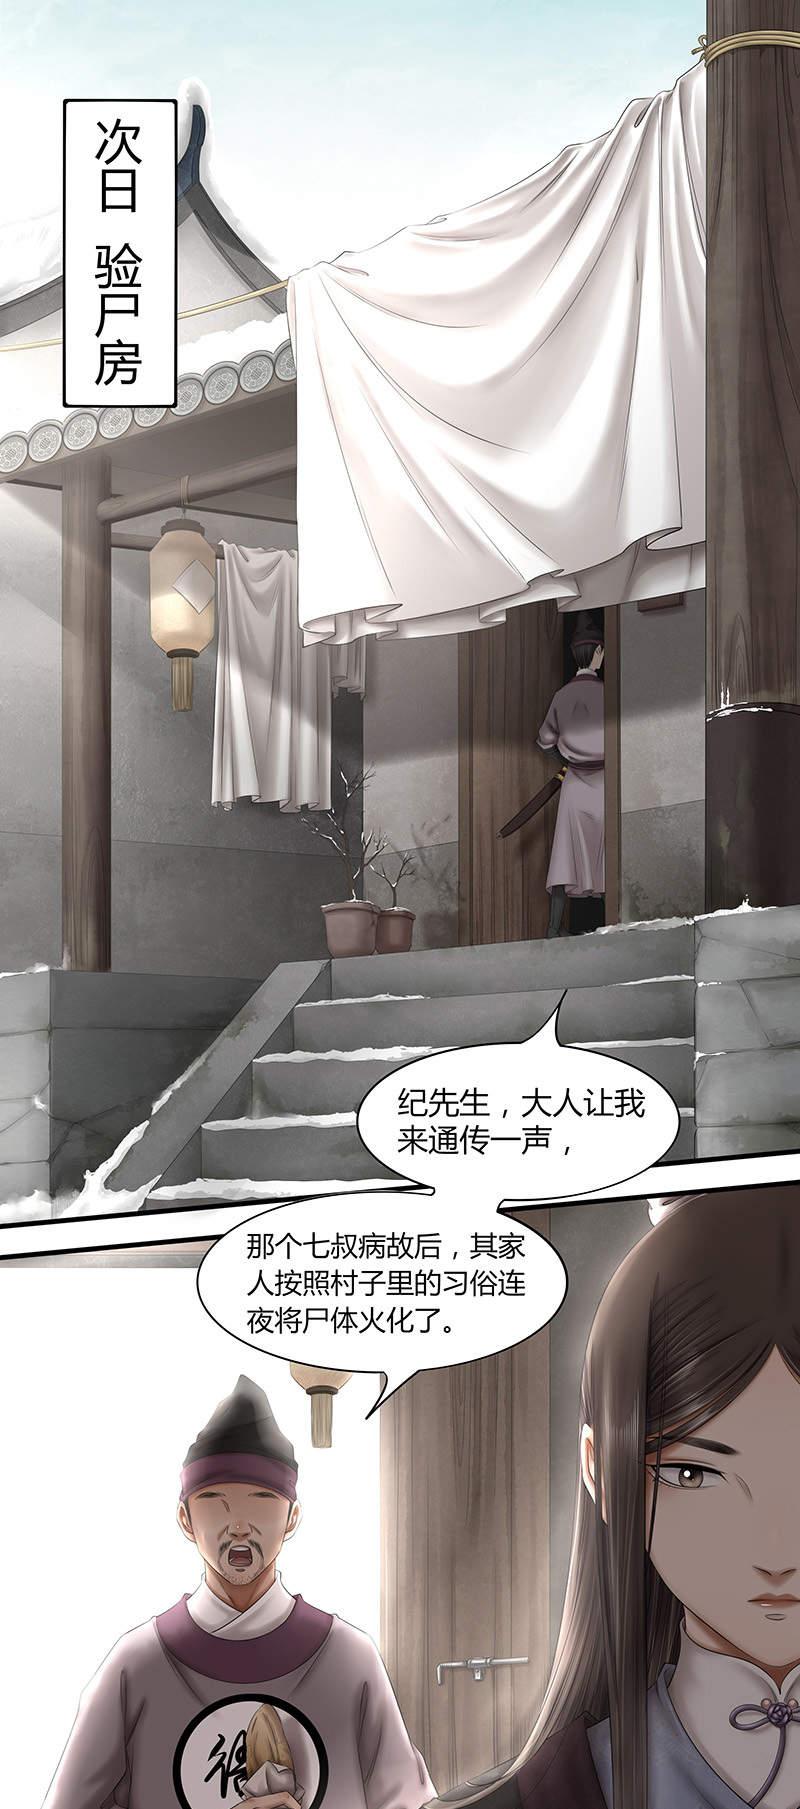 画骨女仵作第46话  怪衣 第 2